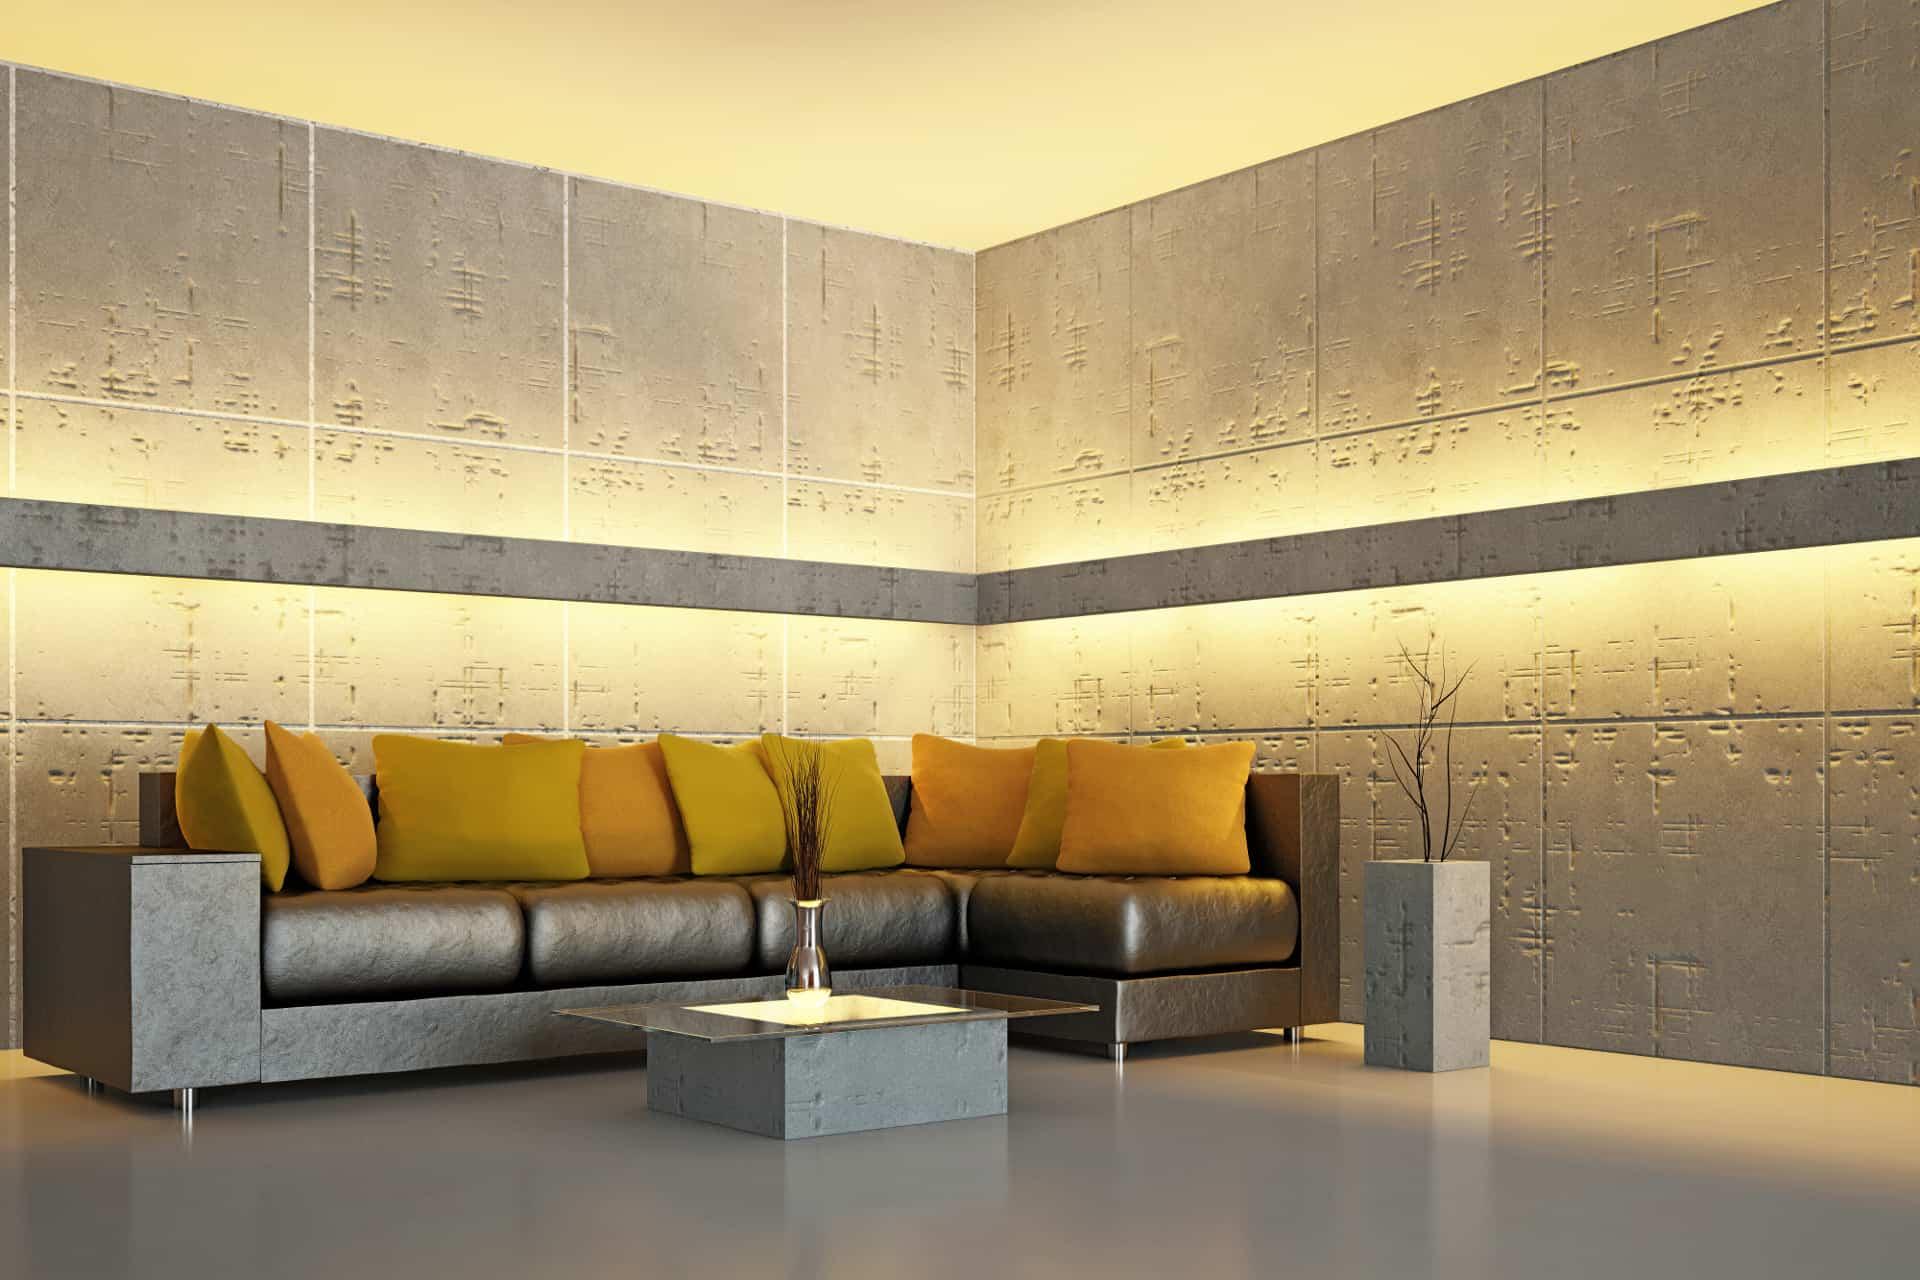 Full Size of Indirekte Beleuchtung Decke Selber Bauen Machen Led Wohnzimmer So Schn Ist Mit Licht Deckenleuchten Schlafzimmer Küche Bett Zusammenstellen Deckenlampe Bad Wohnzimmer Indirekte Beleuchtung Decke Selber Bauen